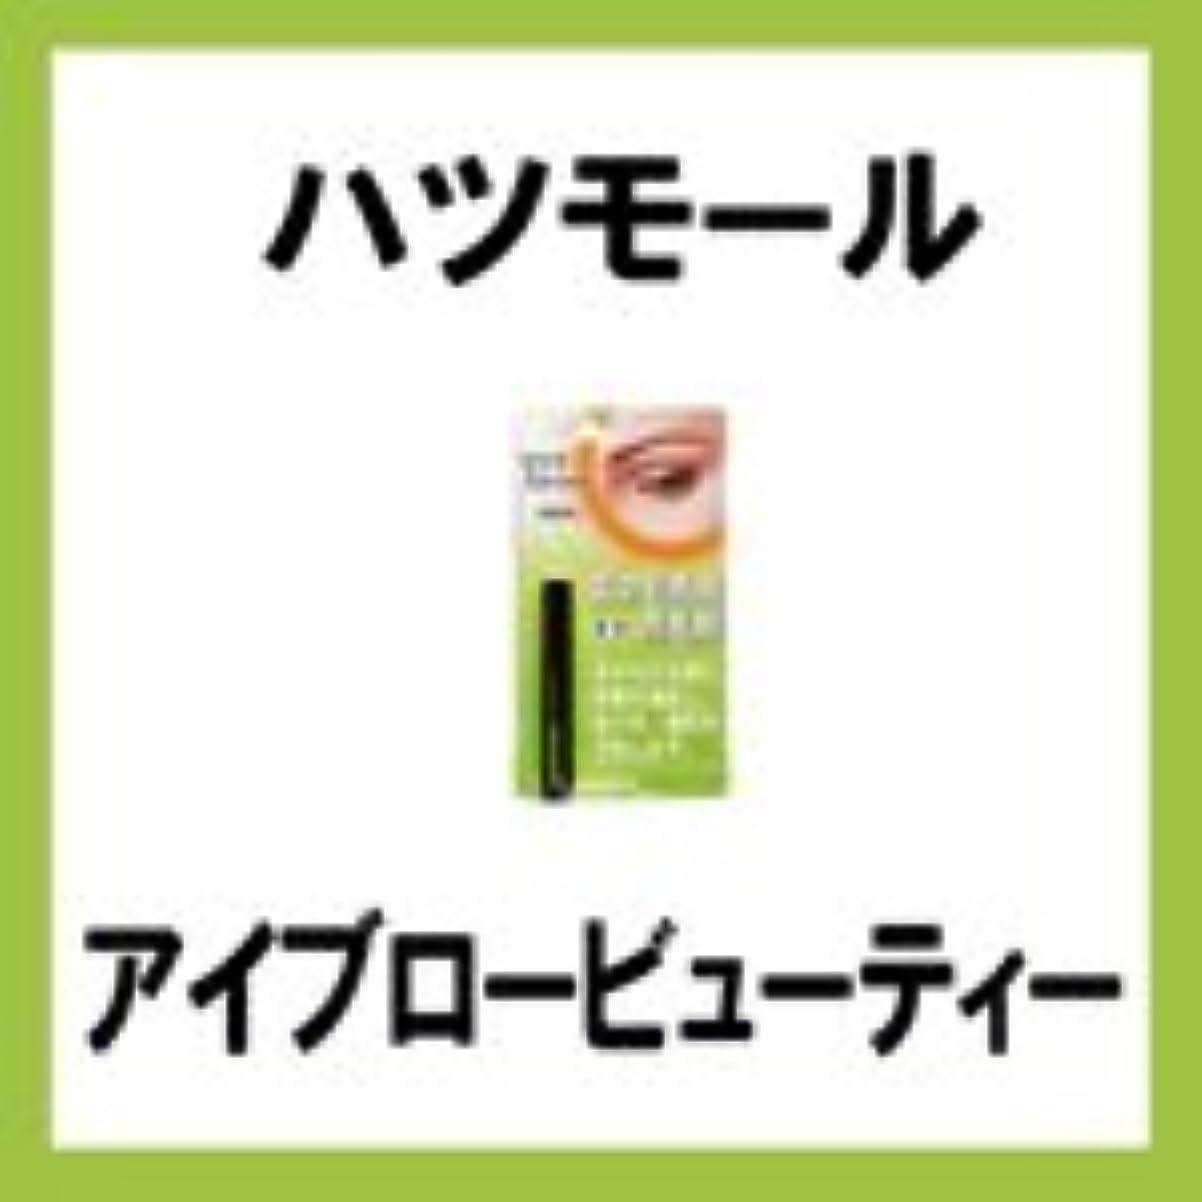 引用味わうみすぼらしいハツモール アイブロービューティー 6ml 【田村治照堂】